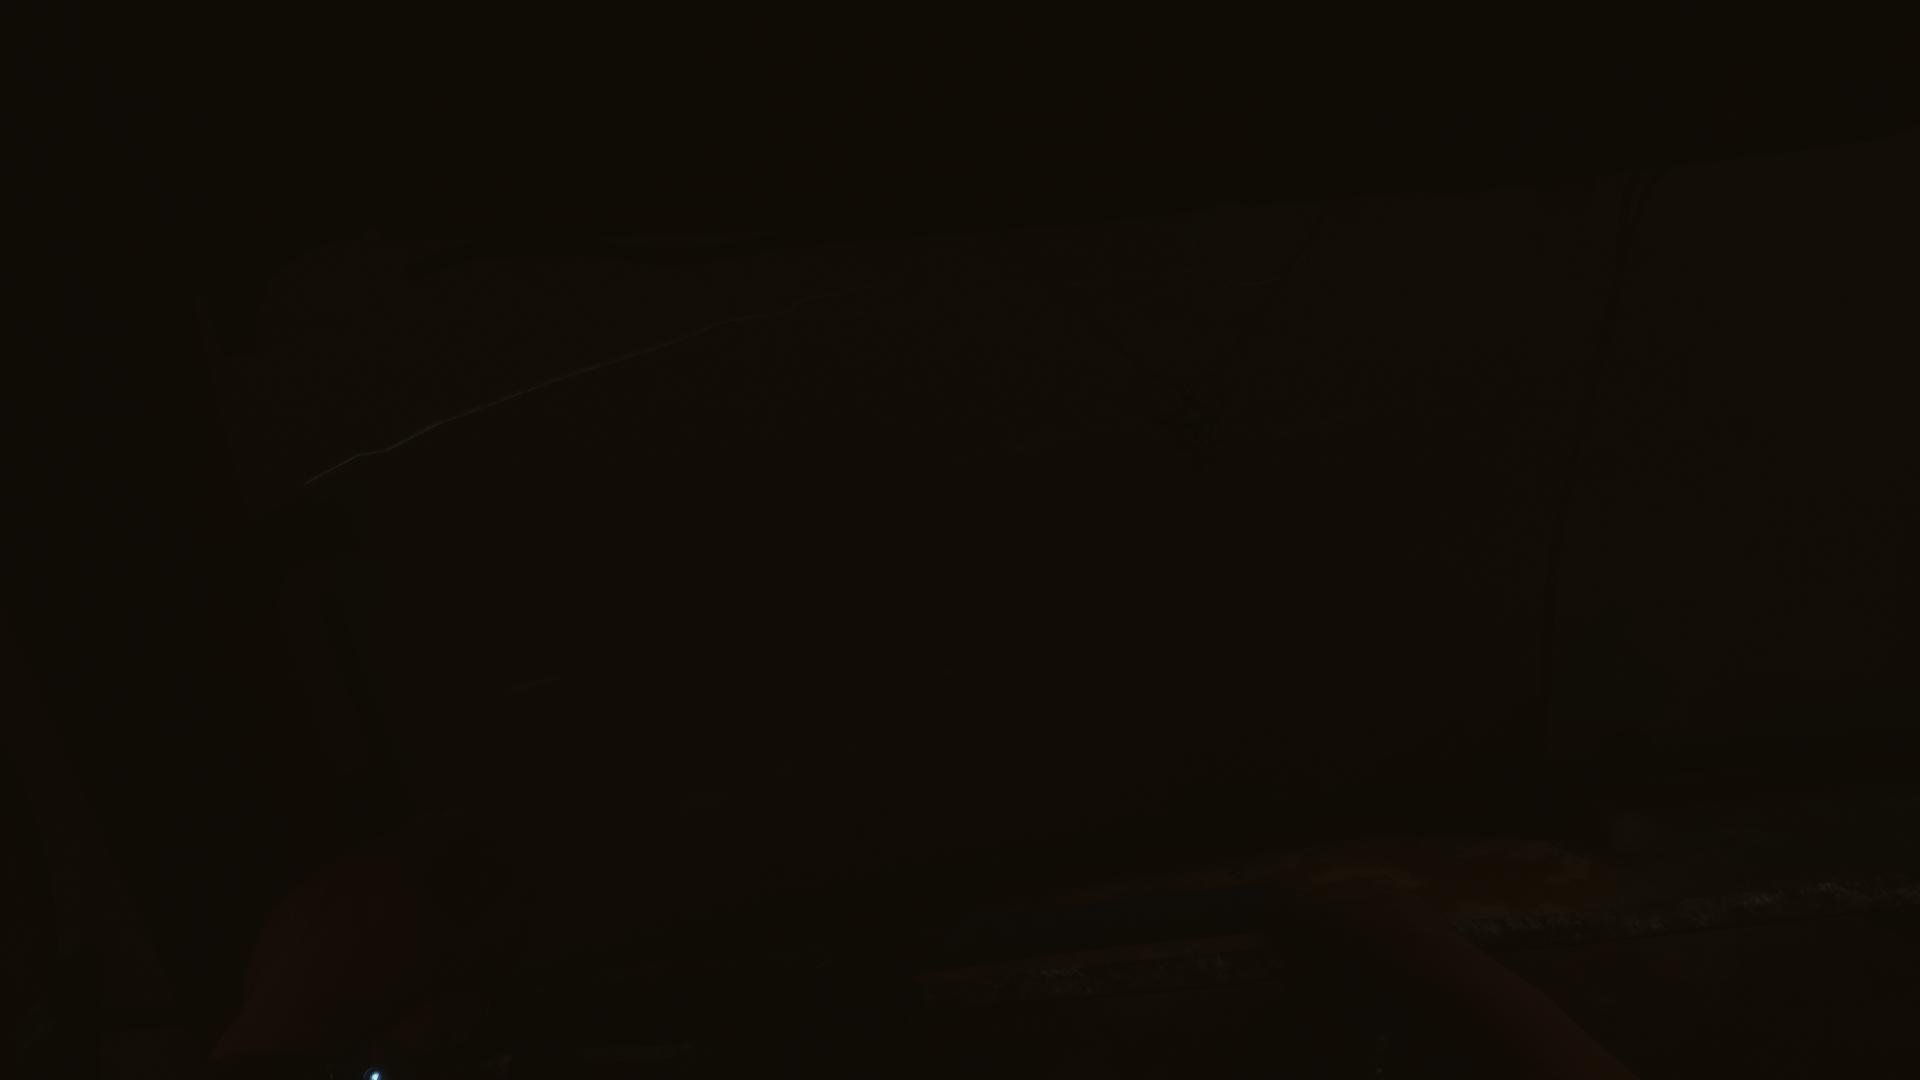 Metro  Exodus Screenshot 2021.09.17 - 18.20.40.48.png